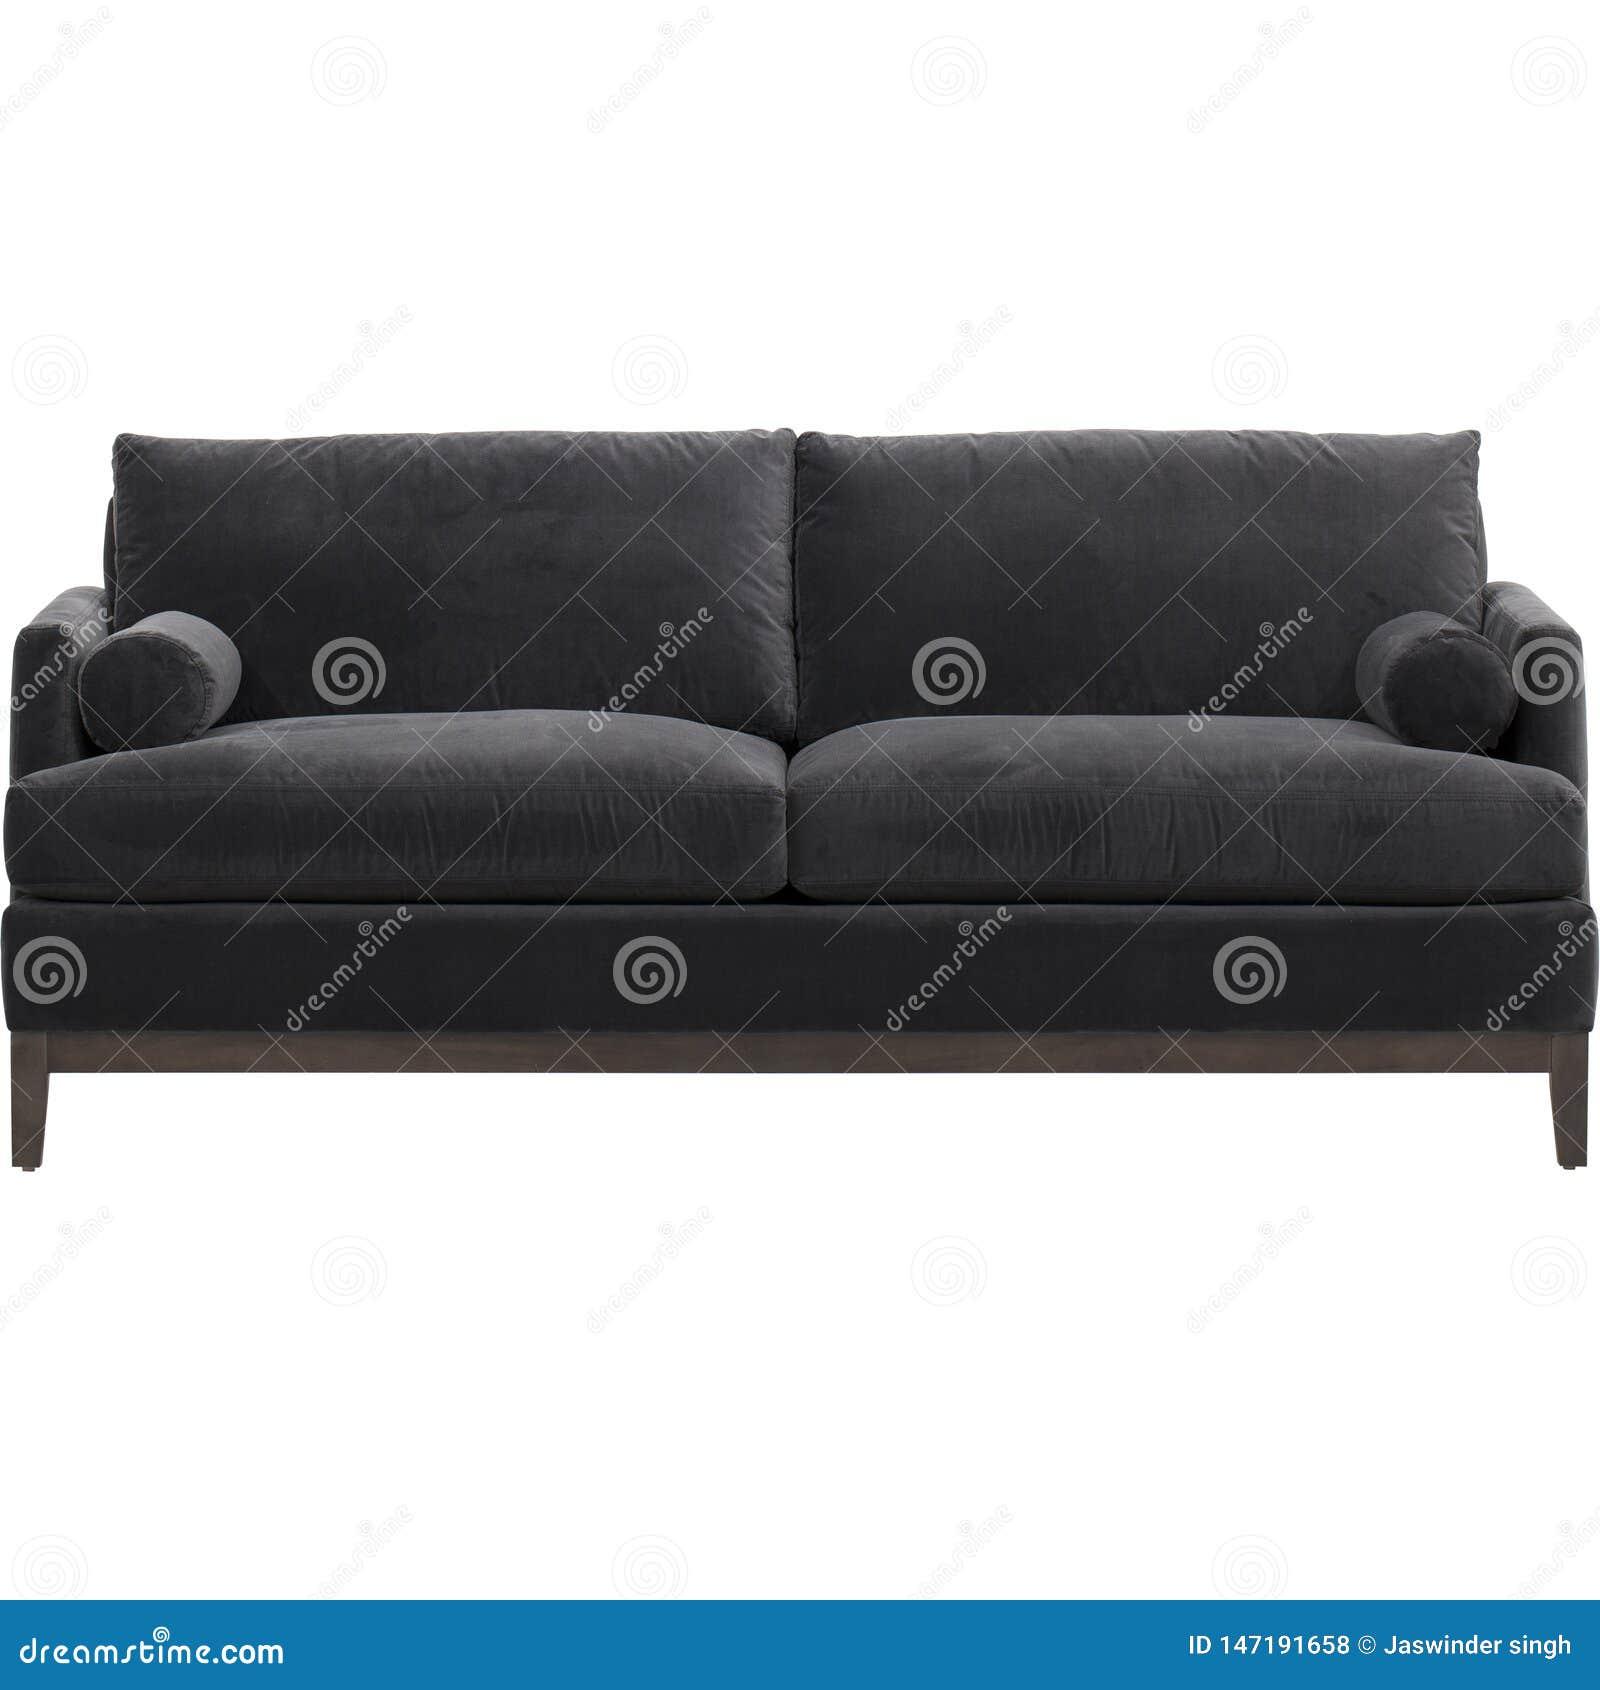 Modernt Fauxläder för bästa primaa produkter, modulsoffa för 3 plats med soffa-säng, Andrea Sofa Bed Black med vit bakgrund - bil